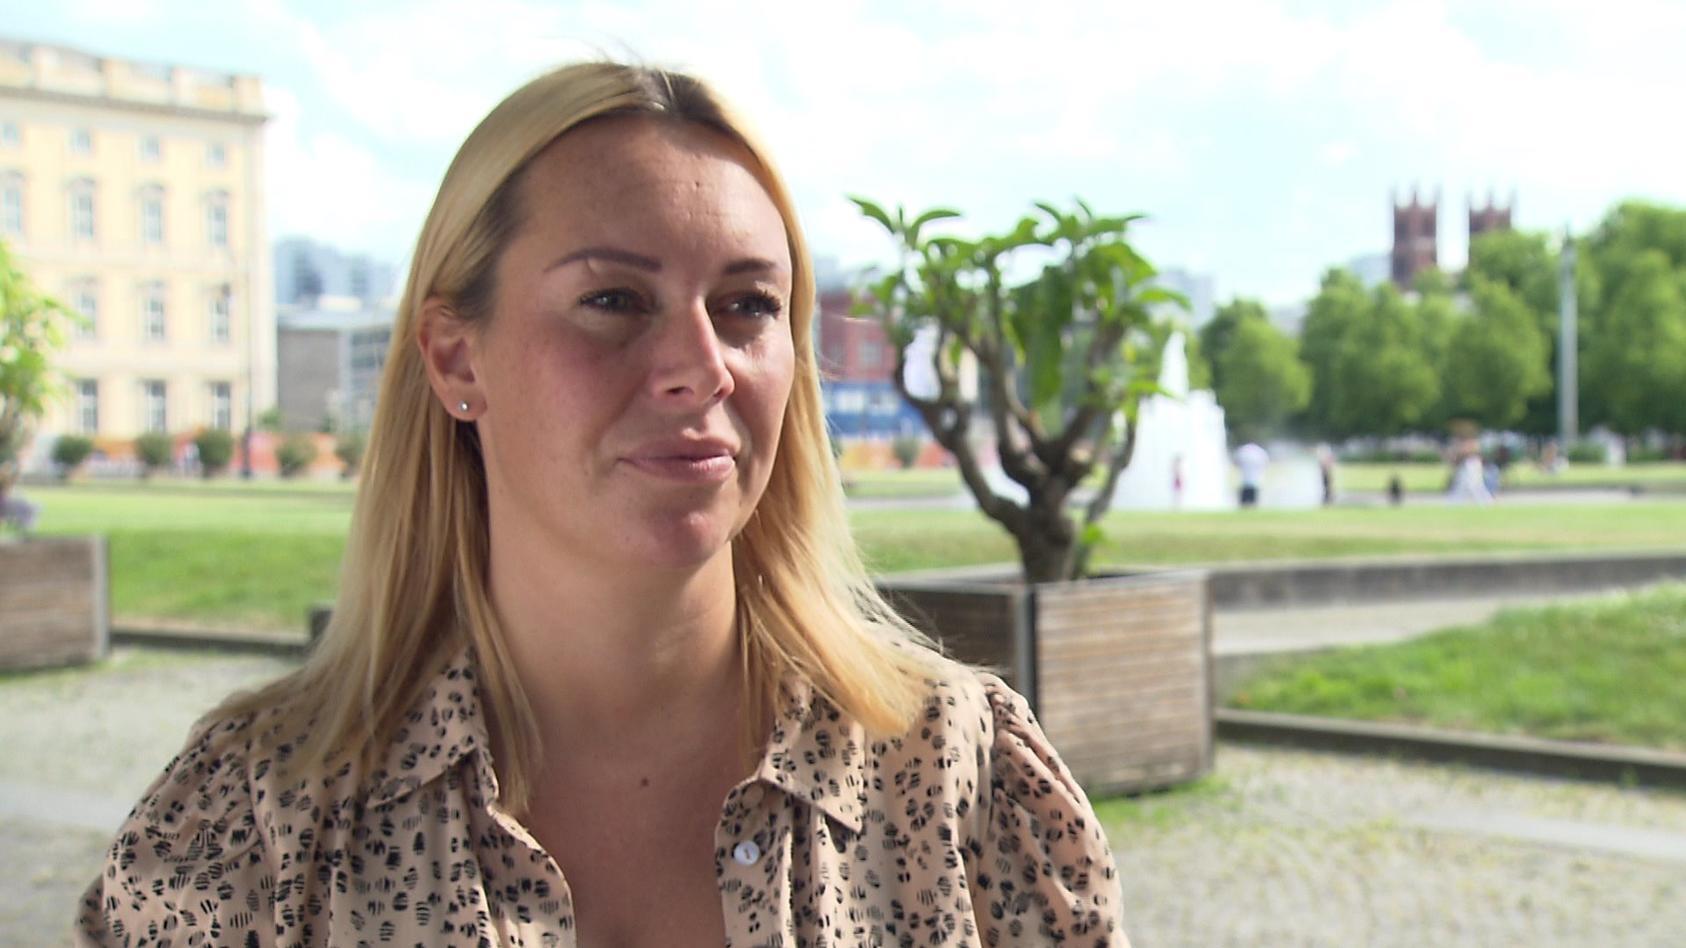 Influencerin Julia Holz ist es wichtig, offen über ihre Krebserkrankung zu sprechen